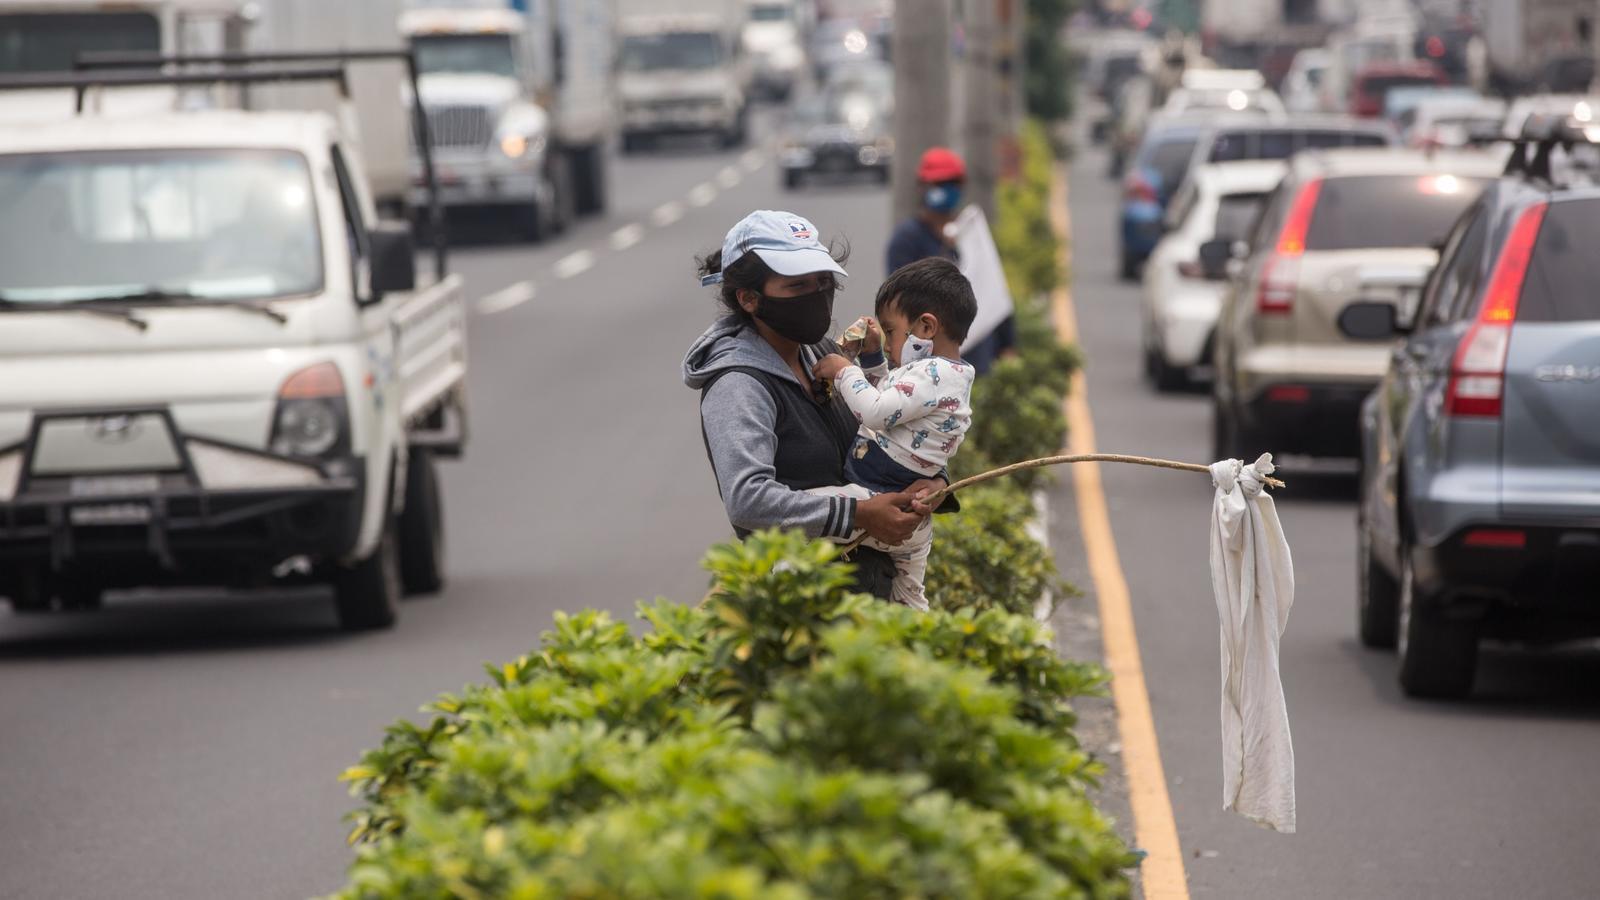 L'Amèrica Llatina alça la bandera blanca de la fam i la pobresa extrema